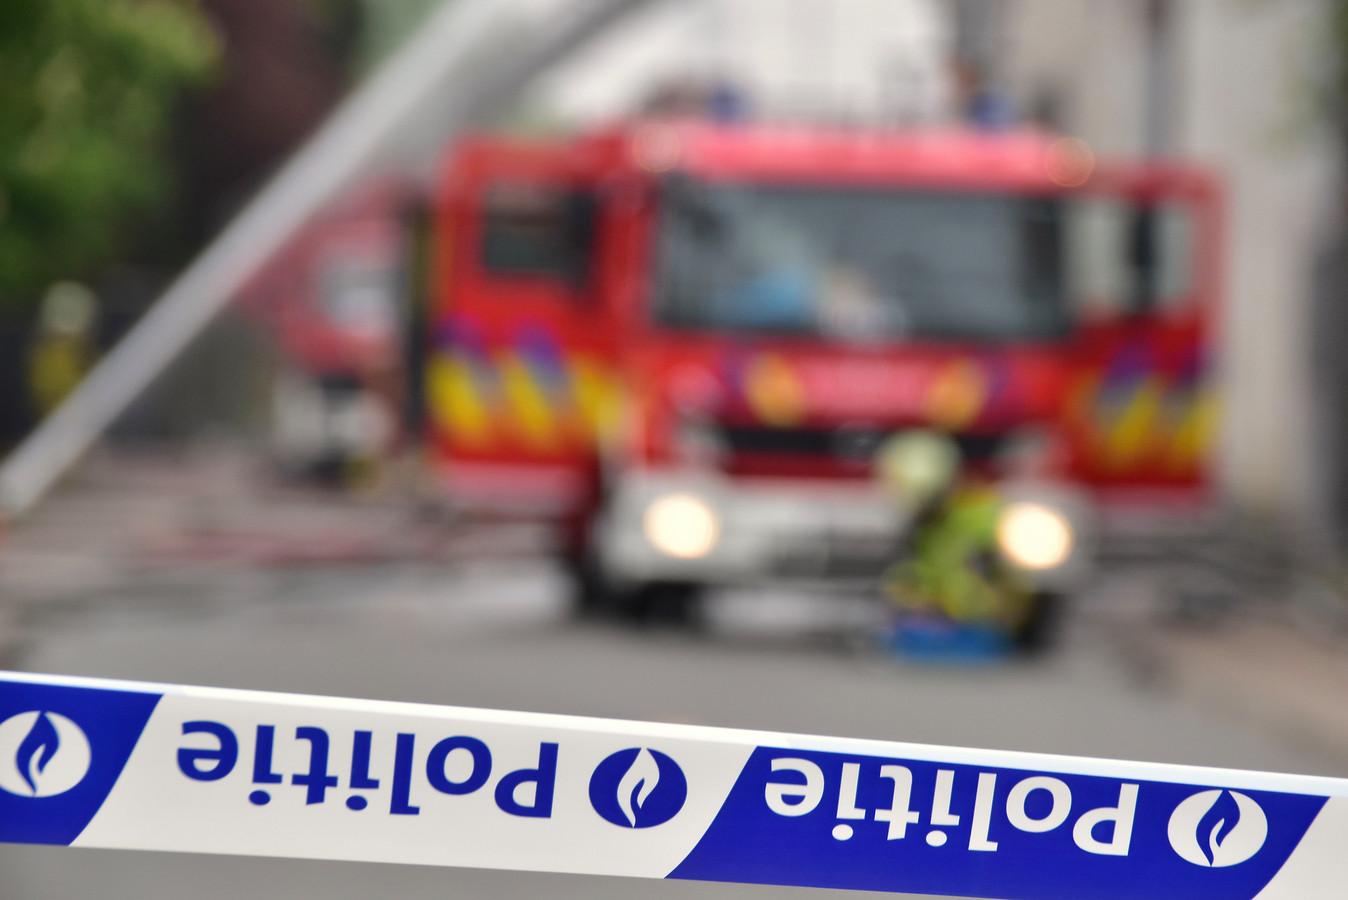 De brandweer snelde ter plaatse om de aangestoken brand op het Kerelsplein te blussen. Archiefbeeld ter illustratie.